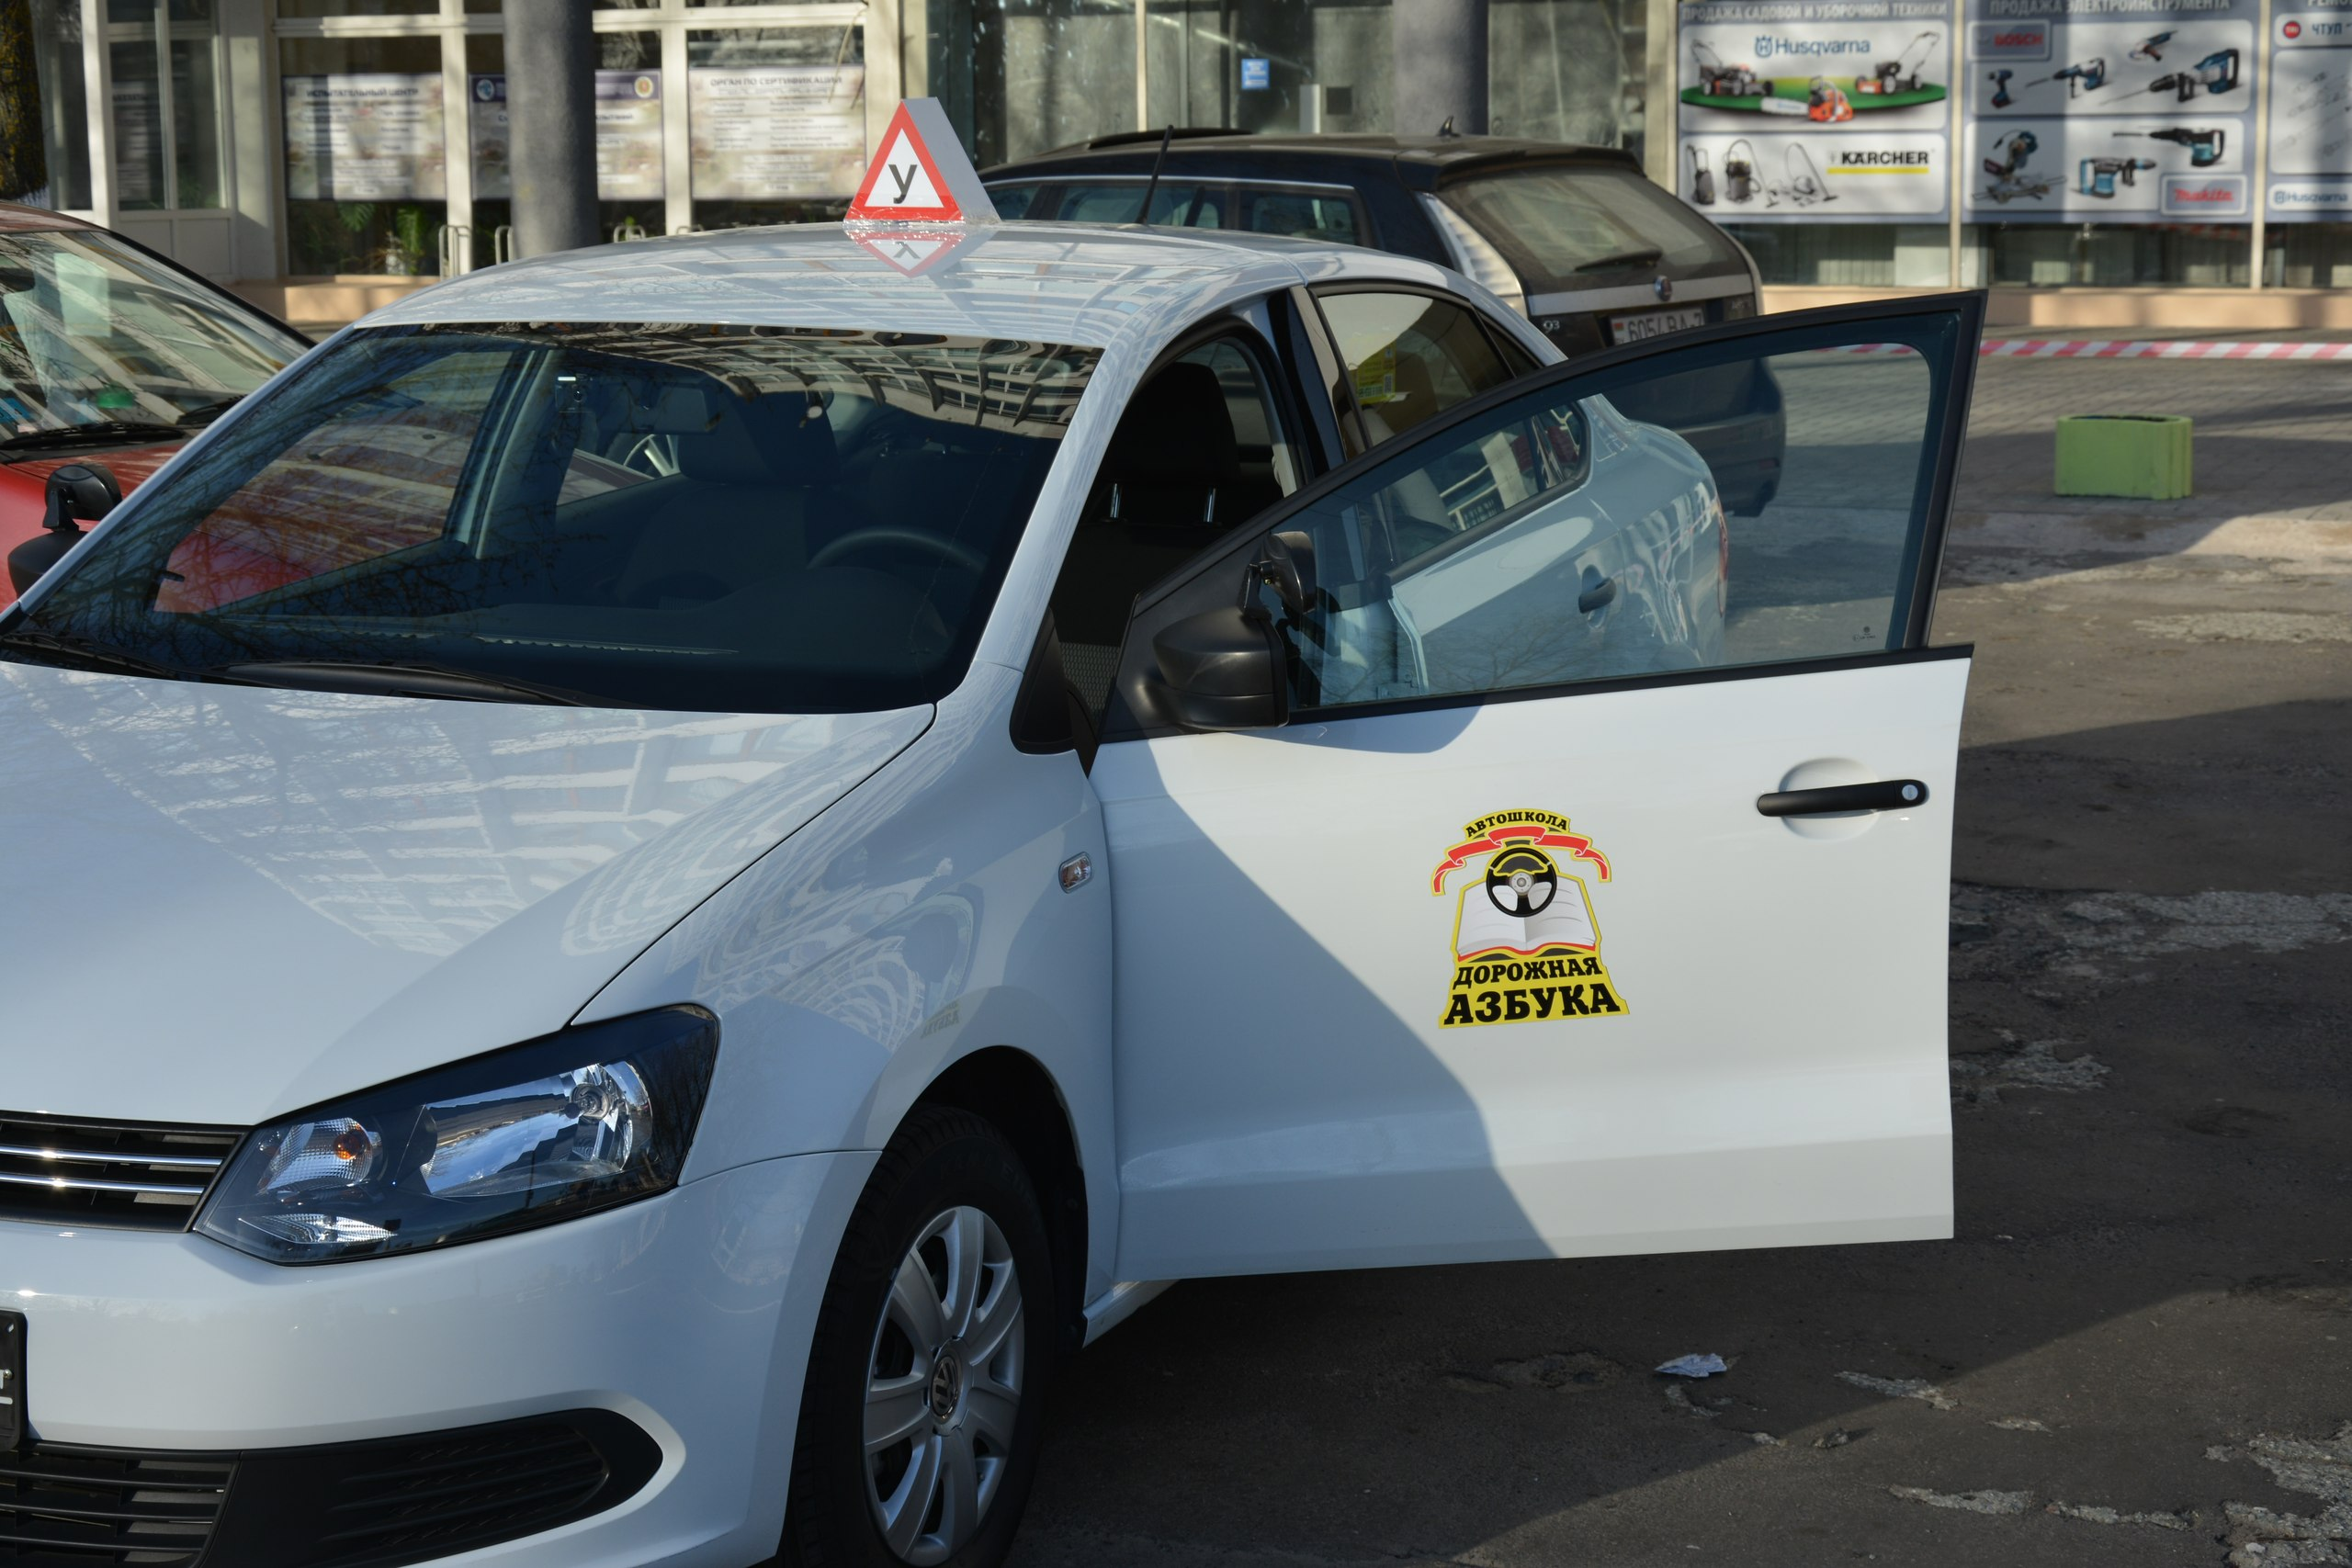 Обучение вождению в автошколе Дорожная Азбука